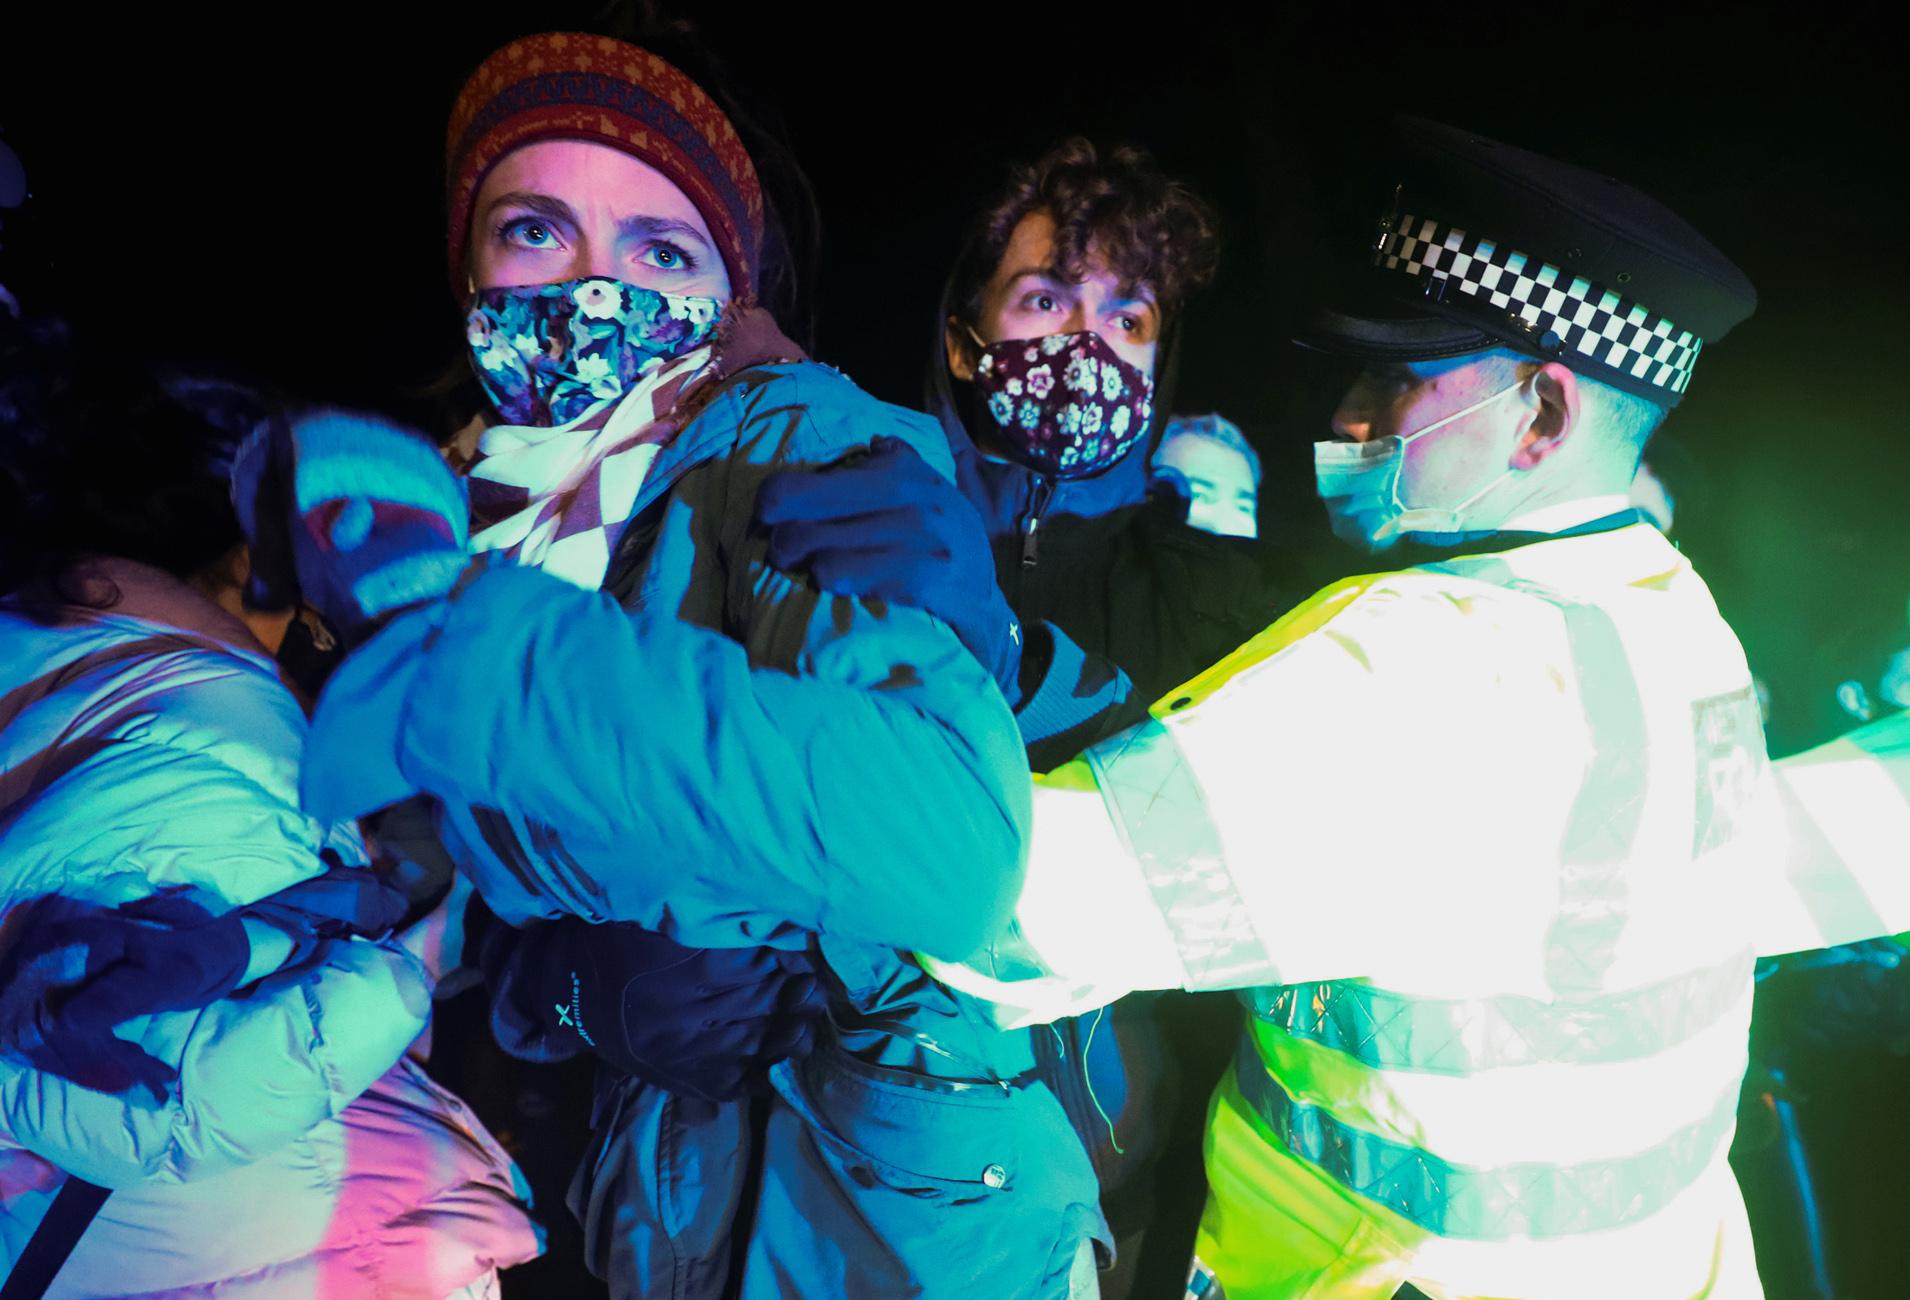 «Βράζει» το Λονδίνο κατά της Σκότλαντ Γιάρντ – Βίαιη επέμβαση σε πλήθος γυναικών